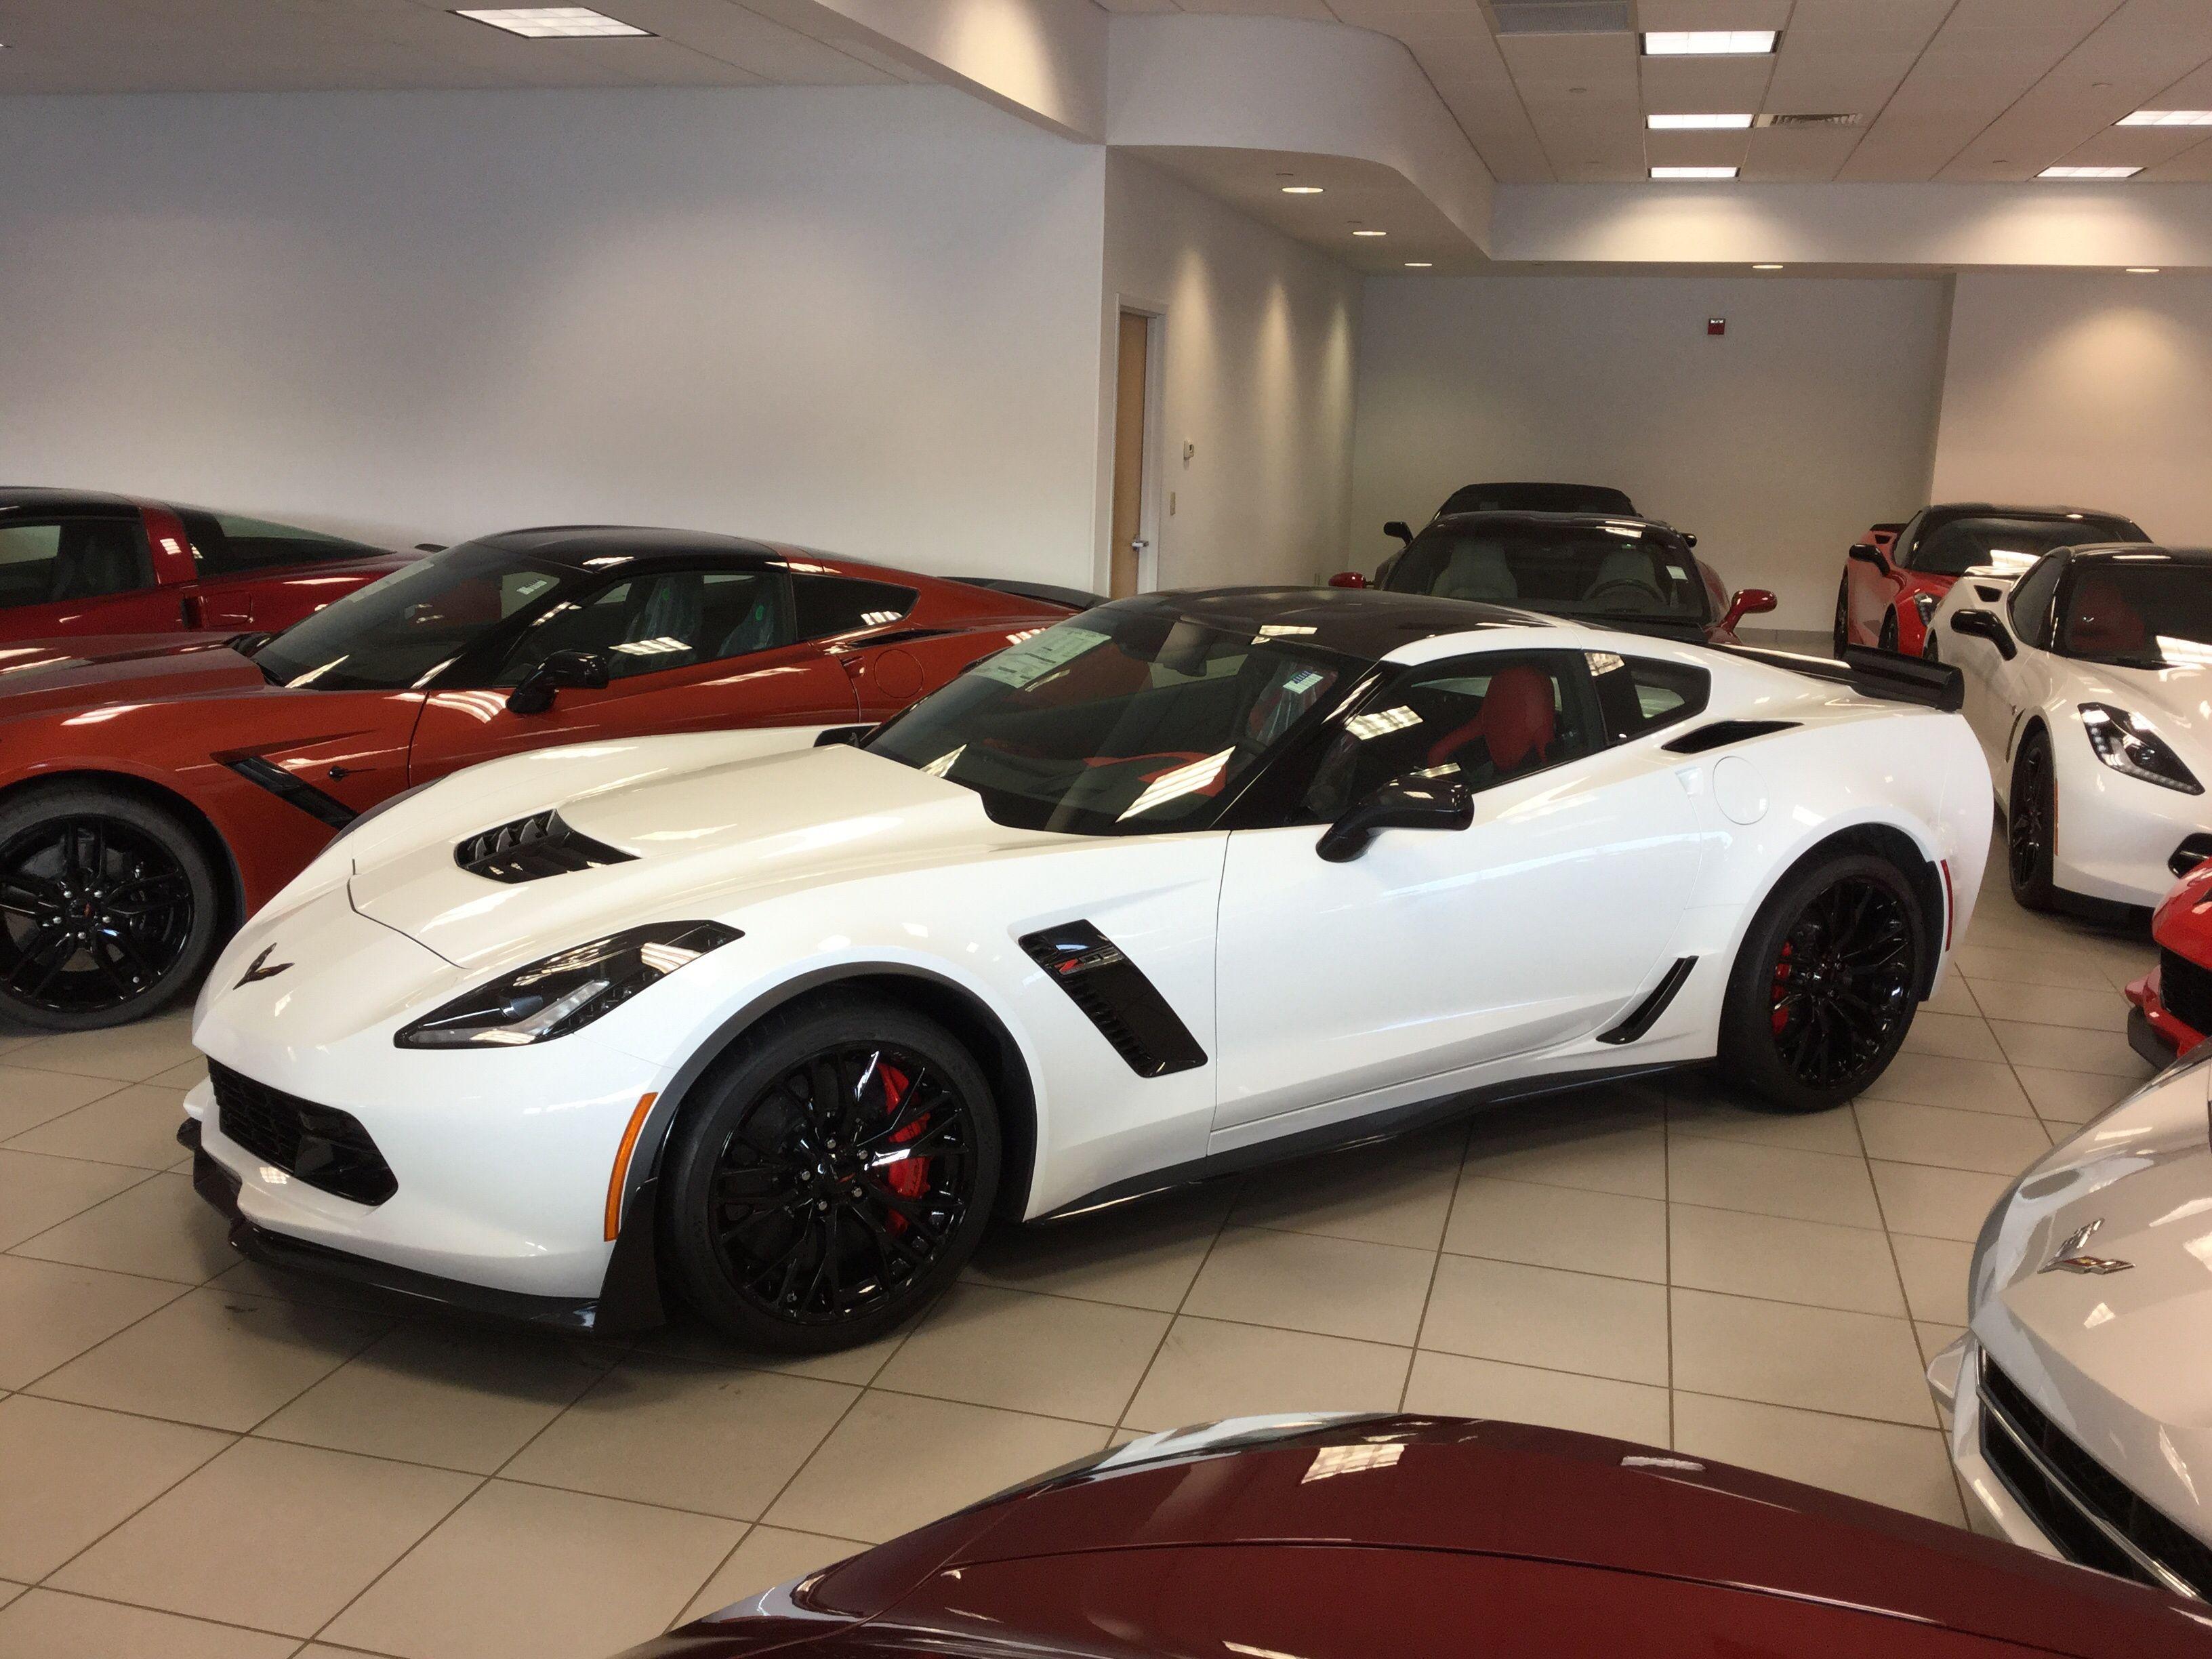 2016 Corvette Z06 - Arctic White with Adrenaline Red Interior ...